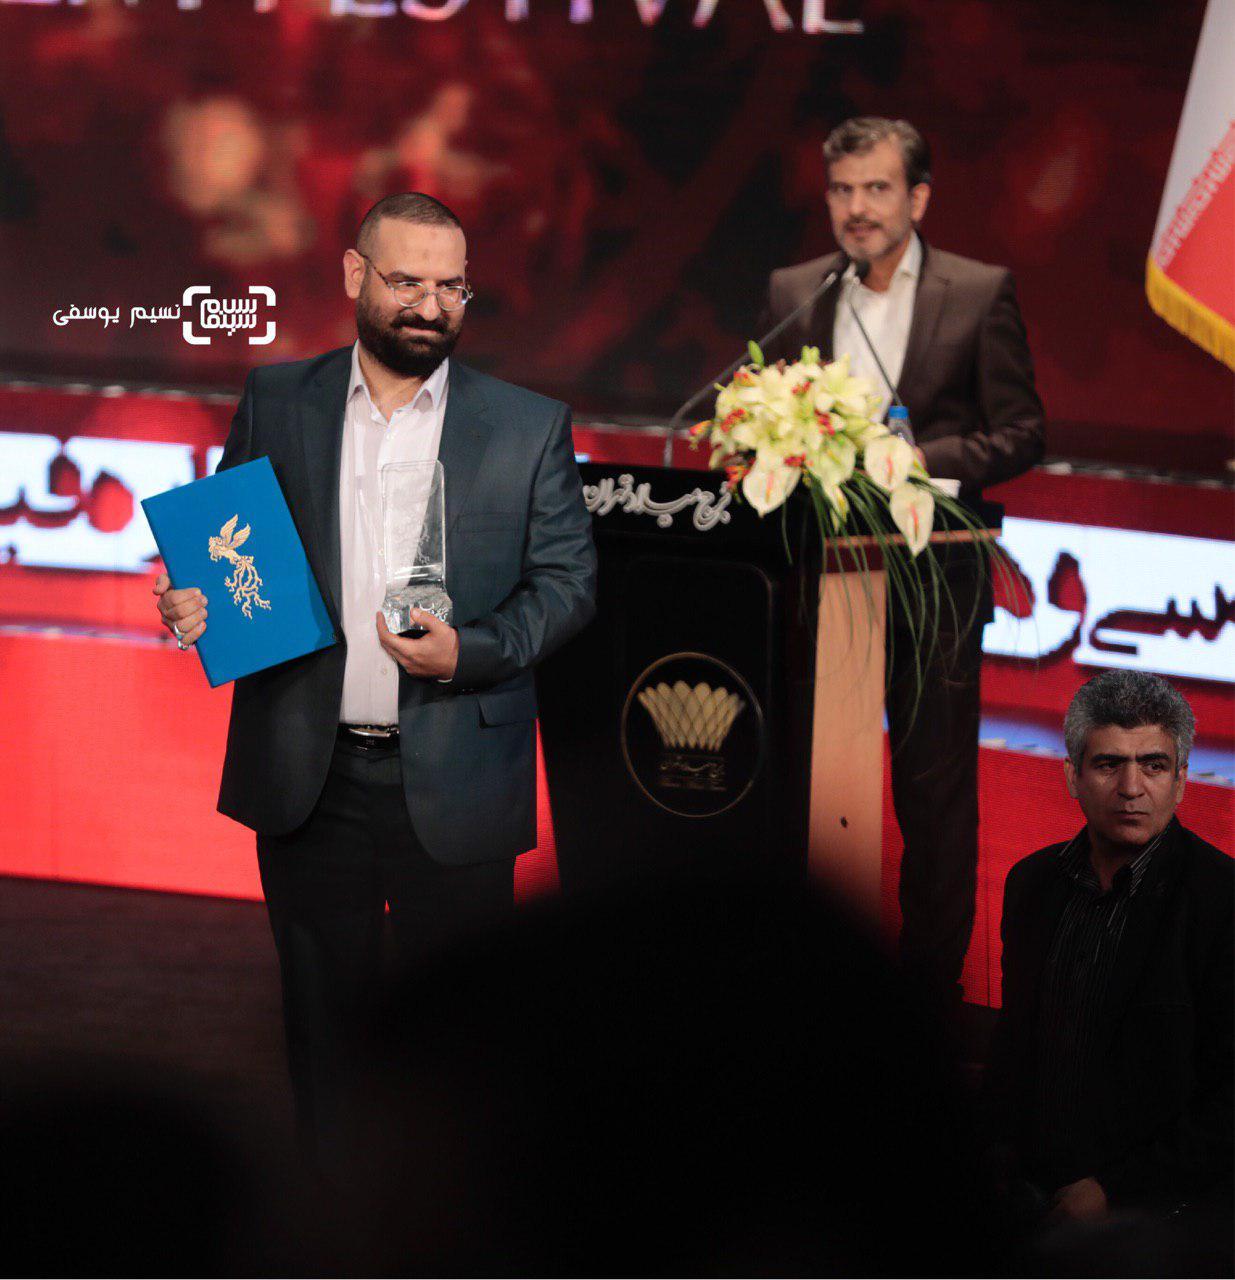 گزارش تصویری اختتامیه سی و هفتمین جشنواره فیلم فجر 2